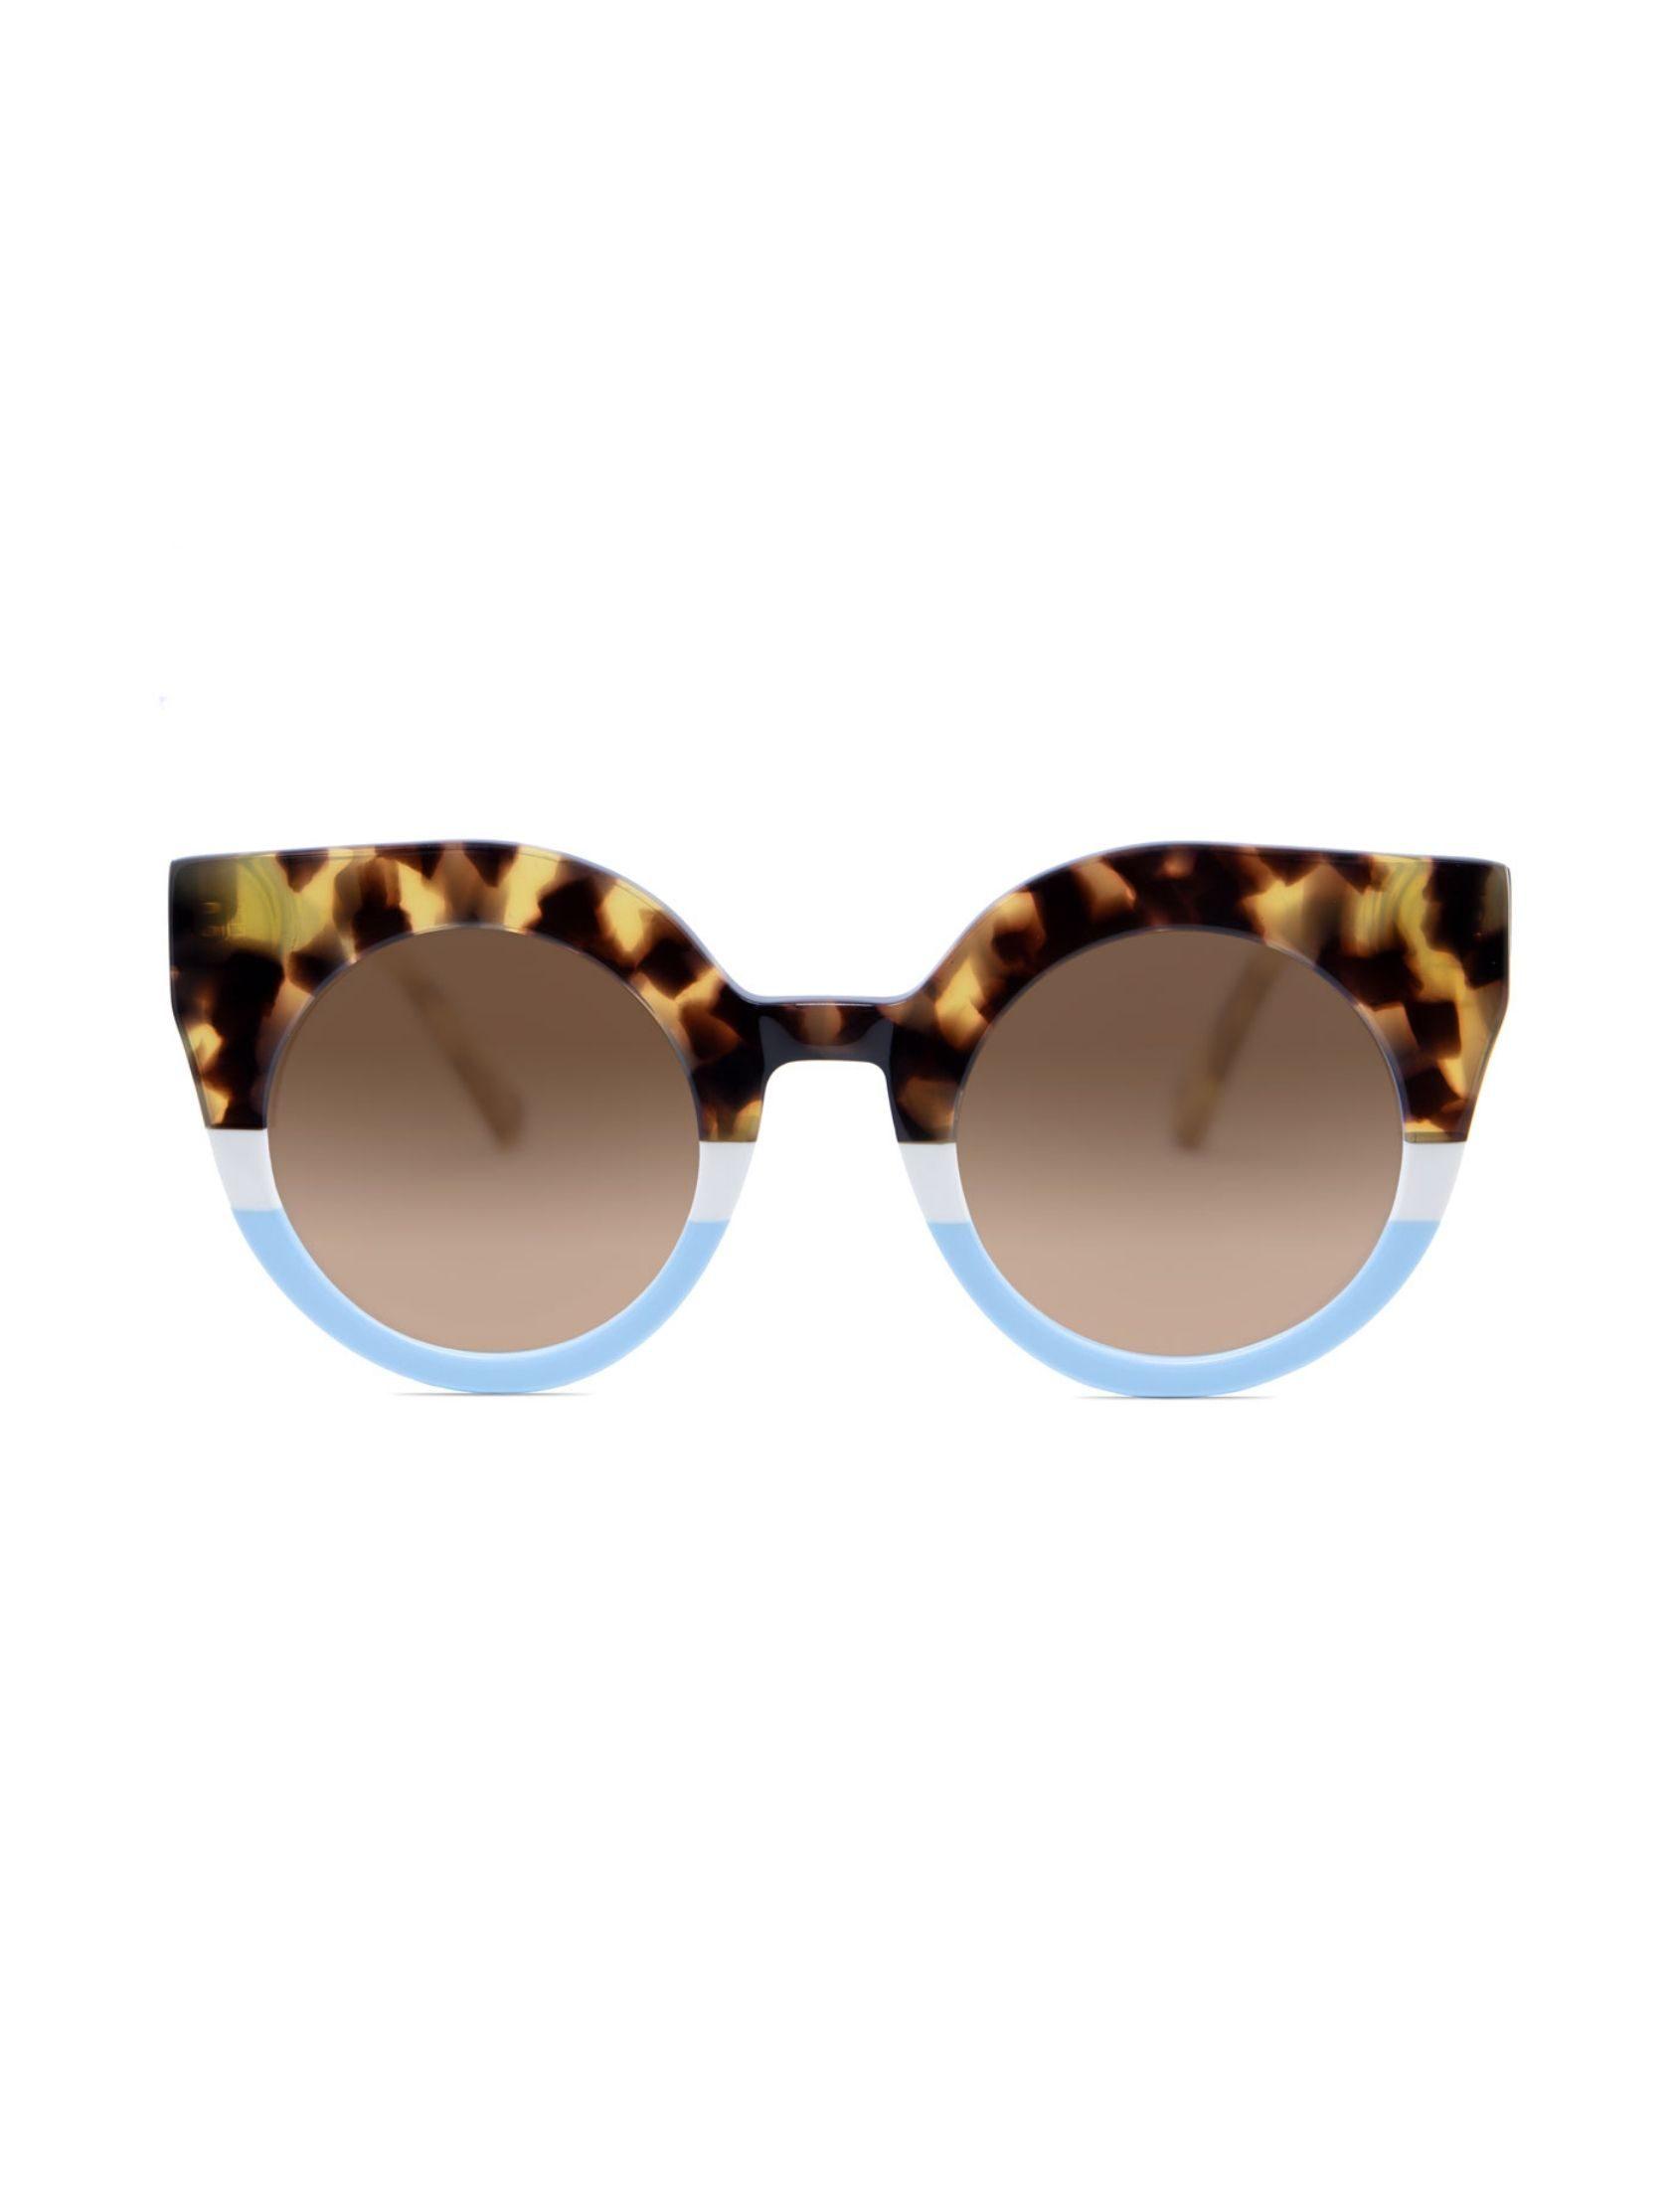 gafas de sol nina sweet sabana con forma redondeada y ojo de gato. estampado animal print y azul.